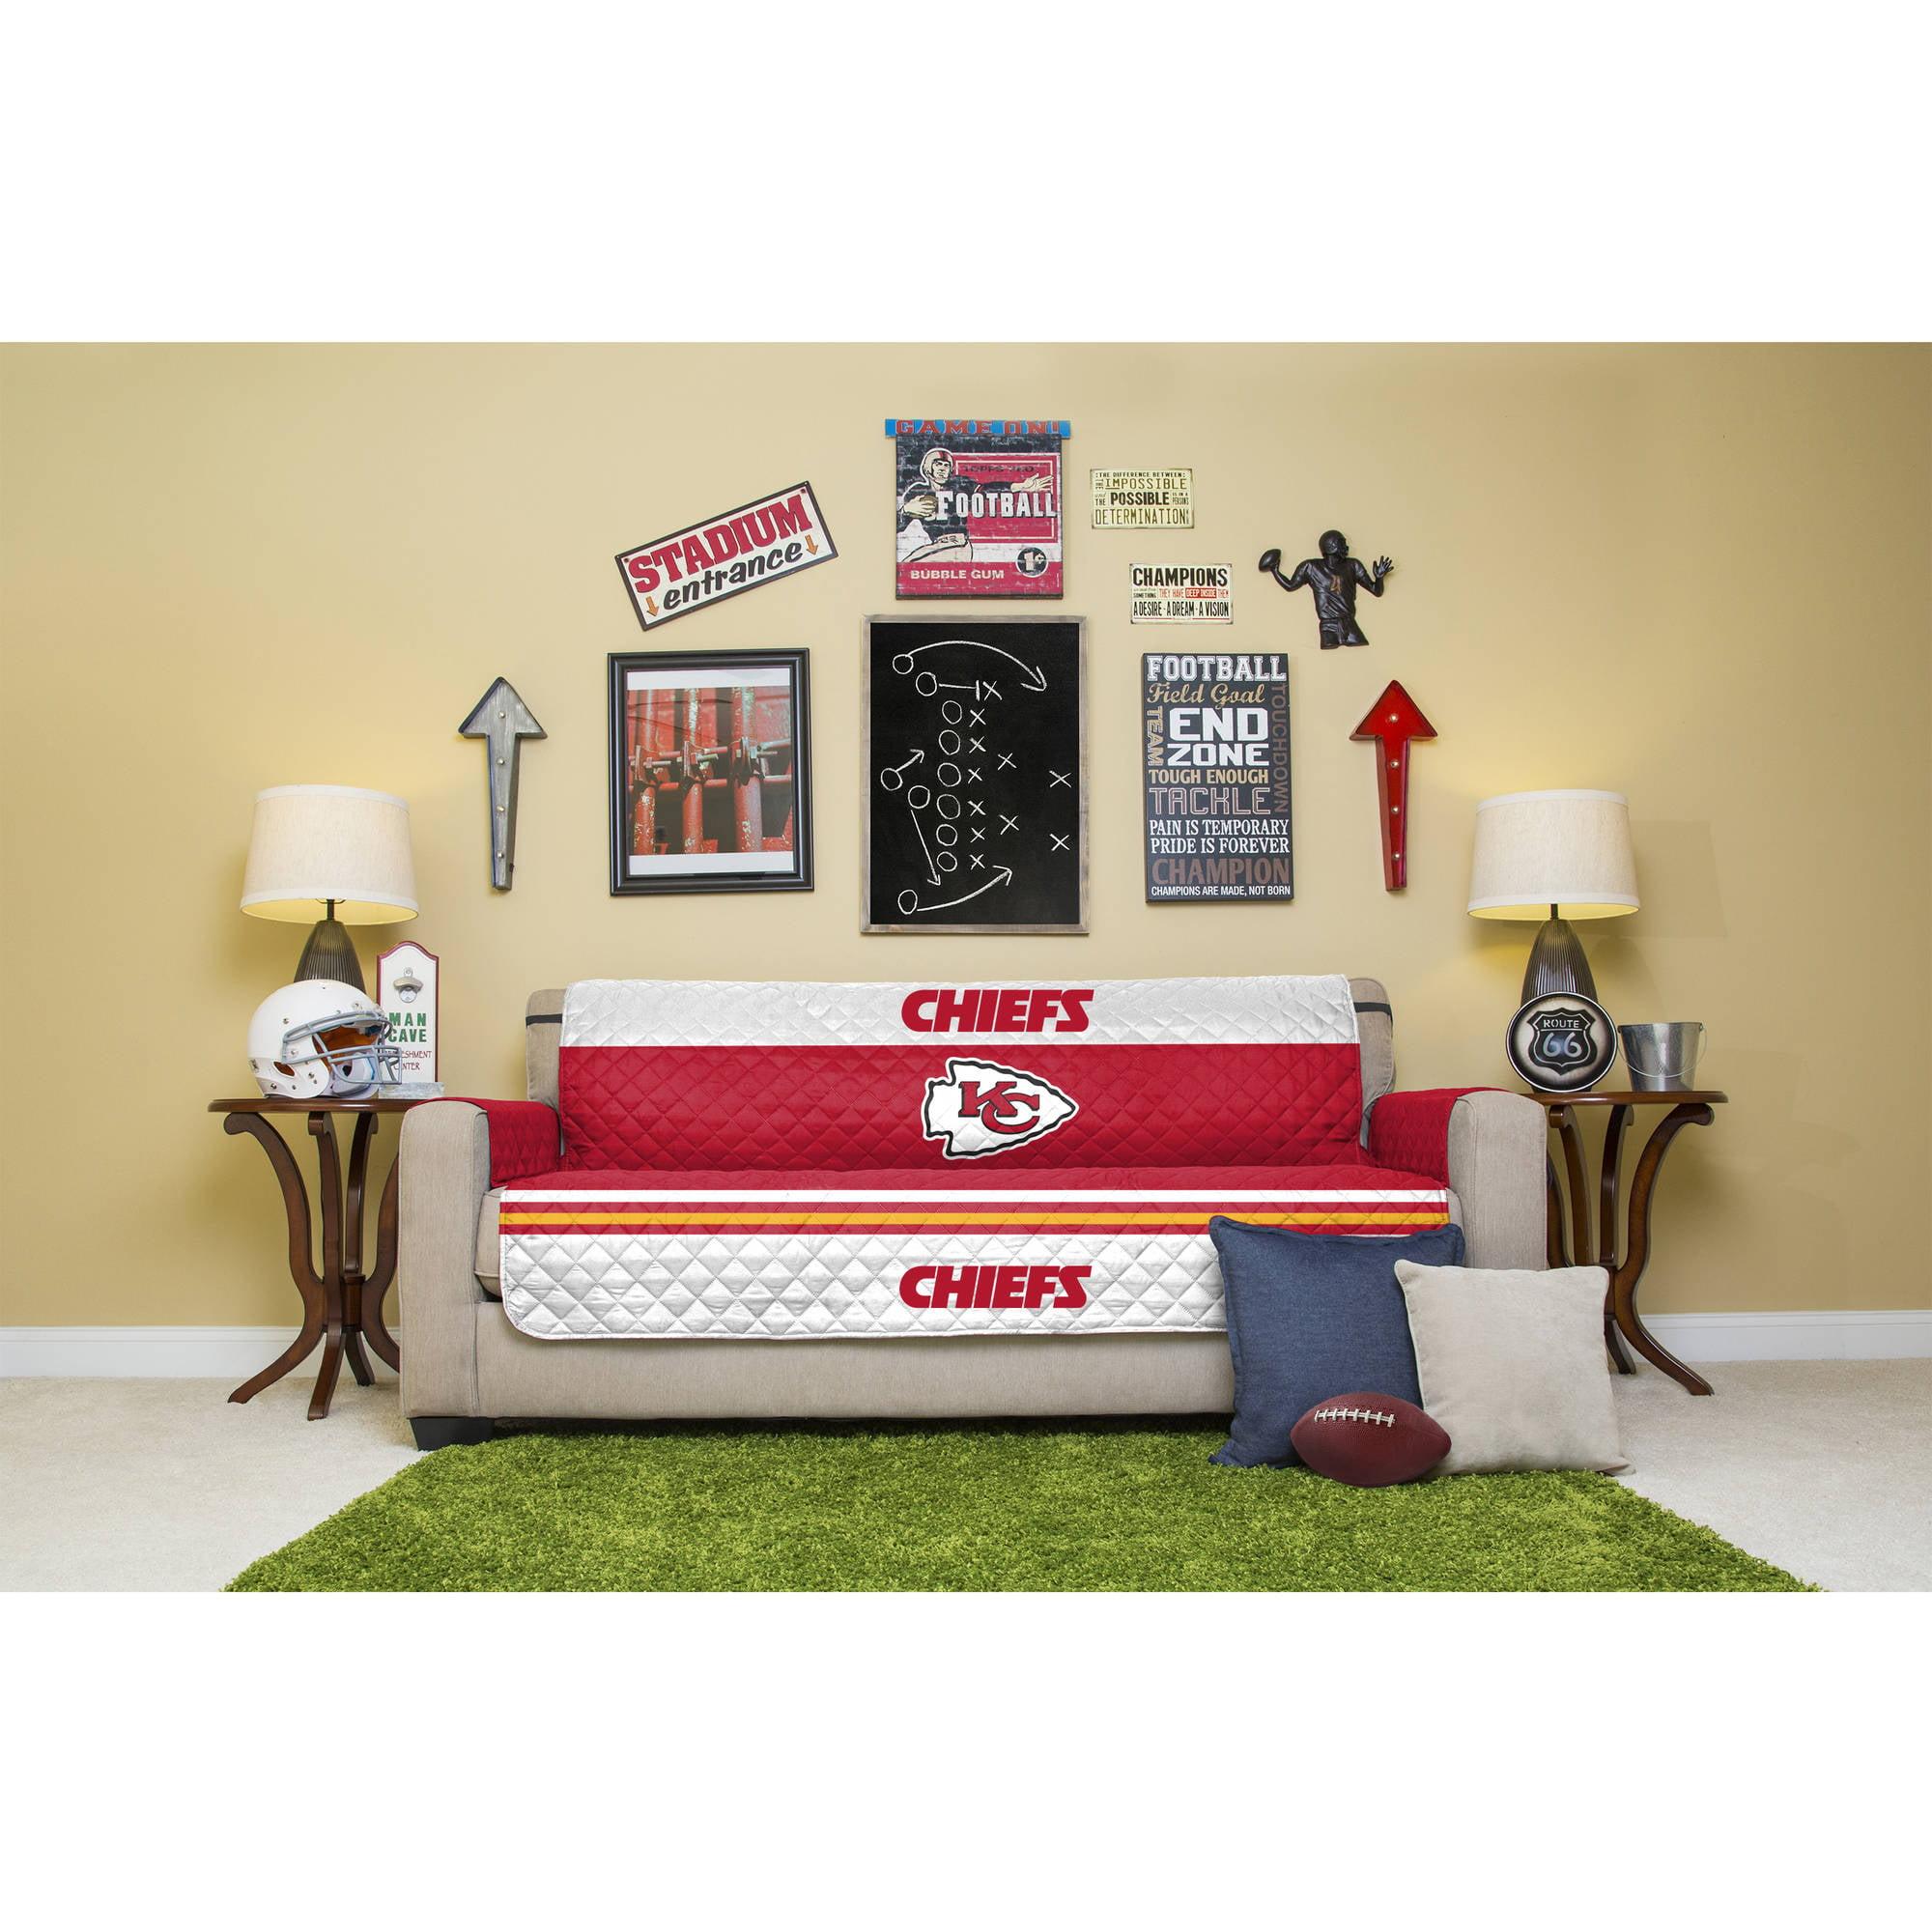 Nfl Licensed Furniture Protector Sofa, Living Room Furniture Kansas City